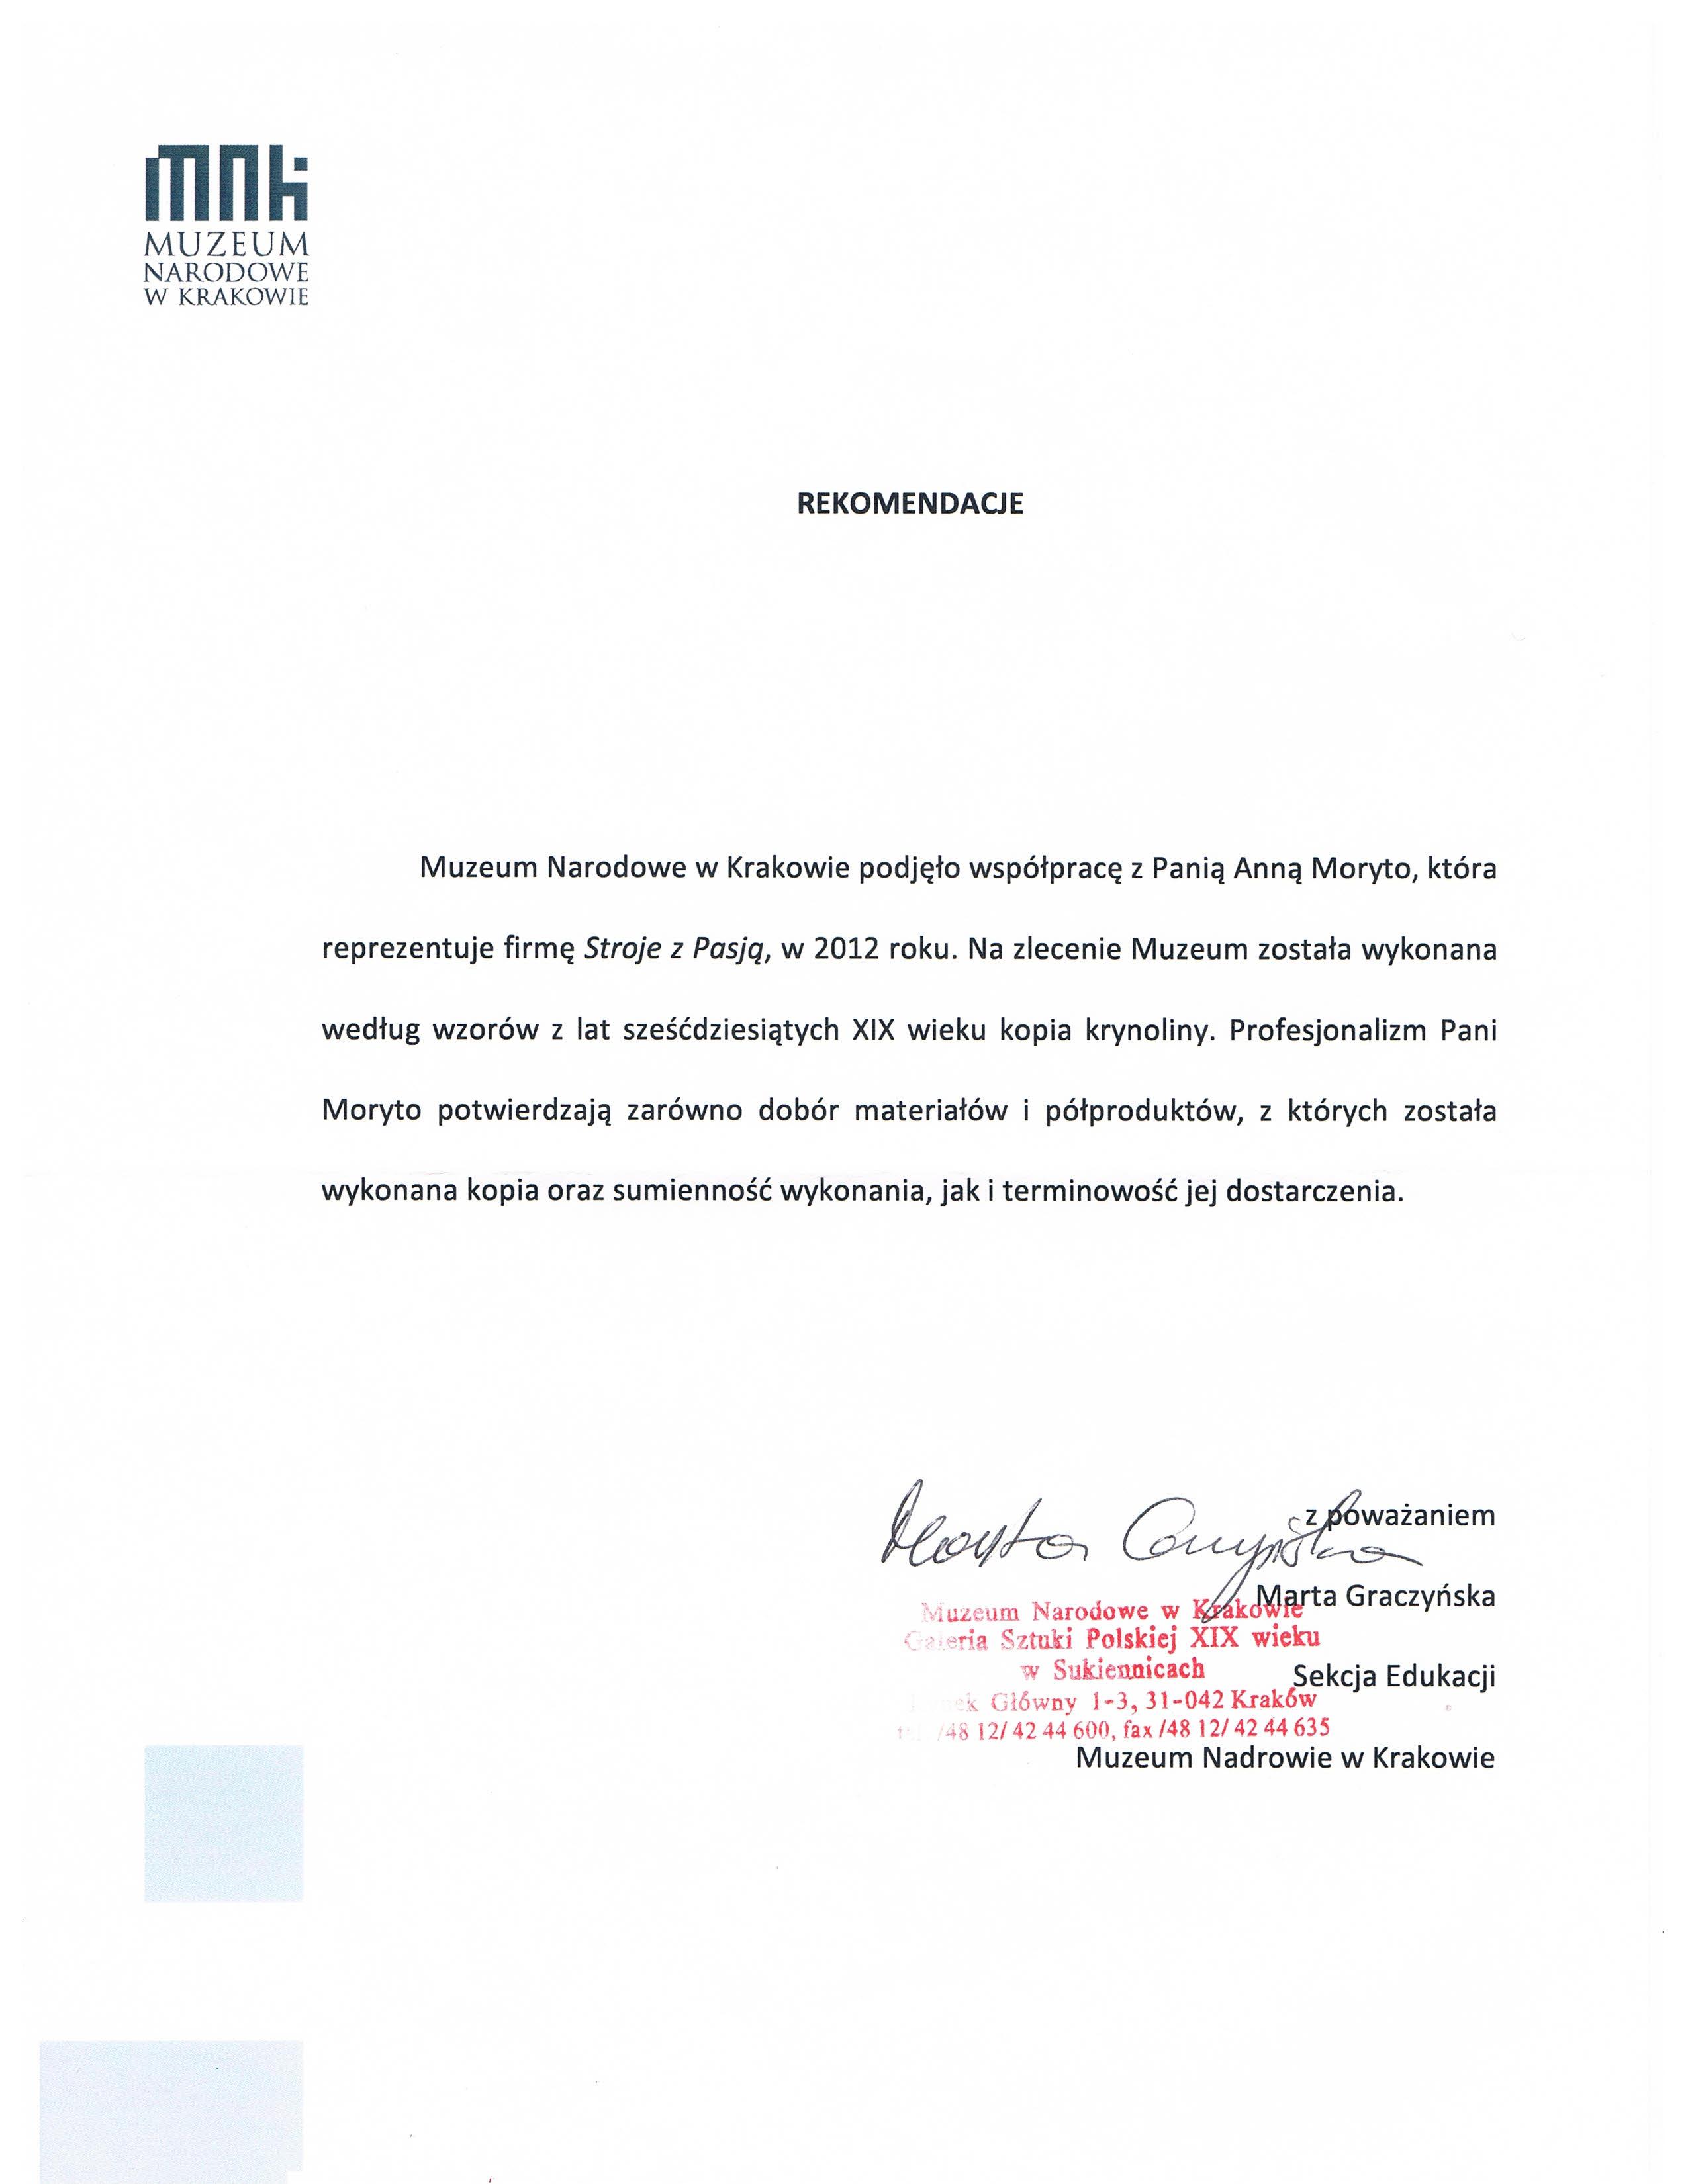 Referencje z Muzeum Narodowego w Krakowie